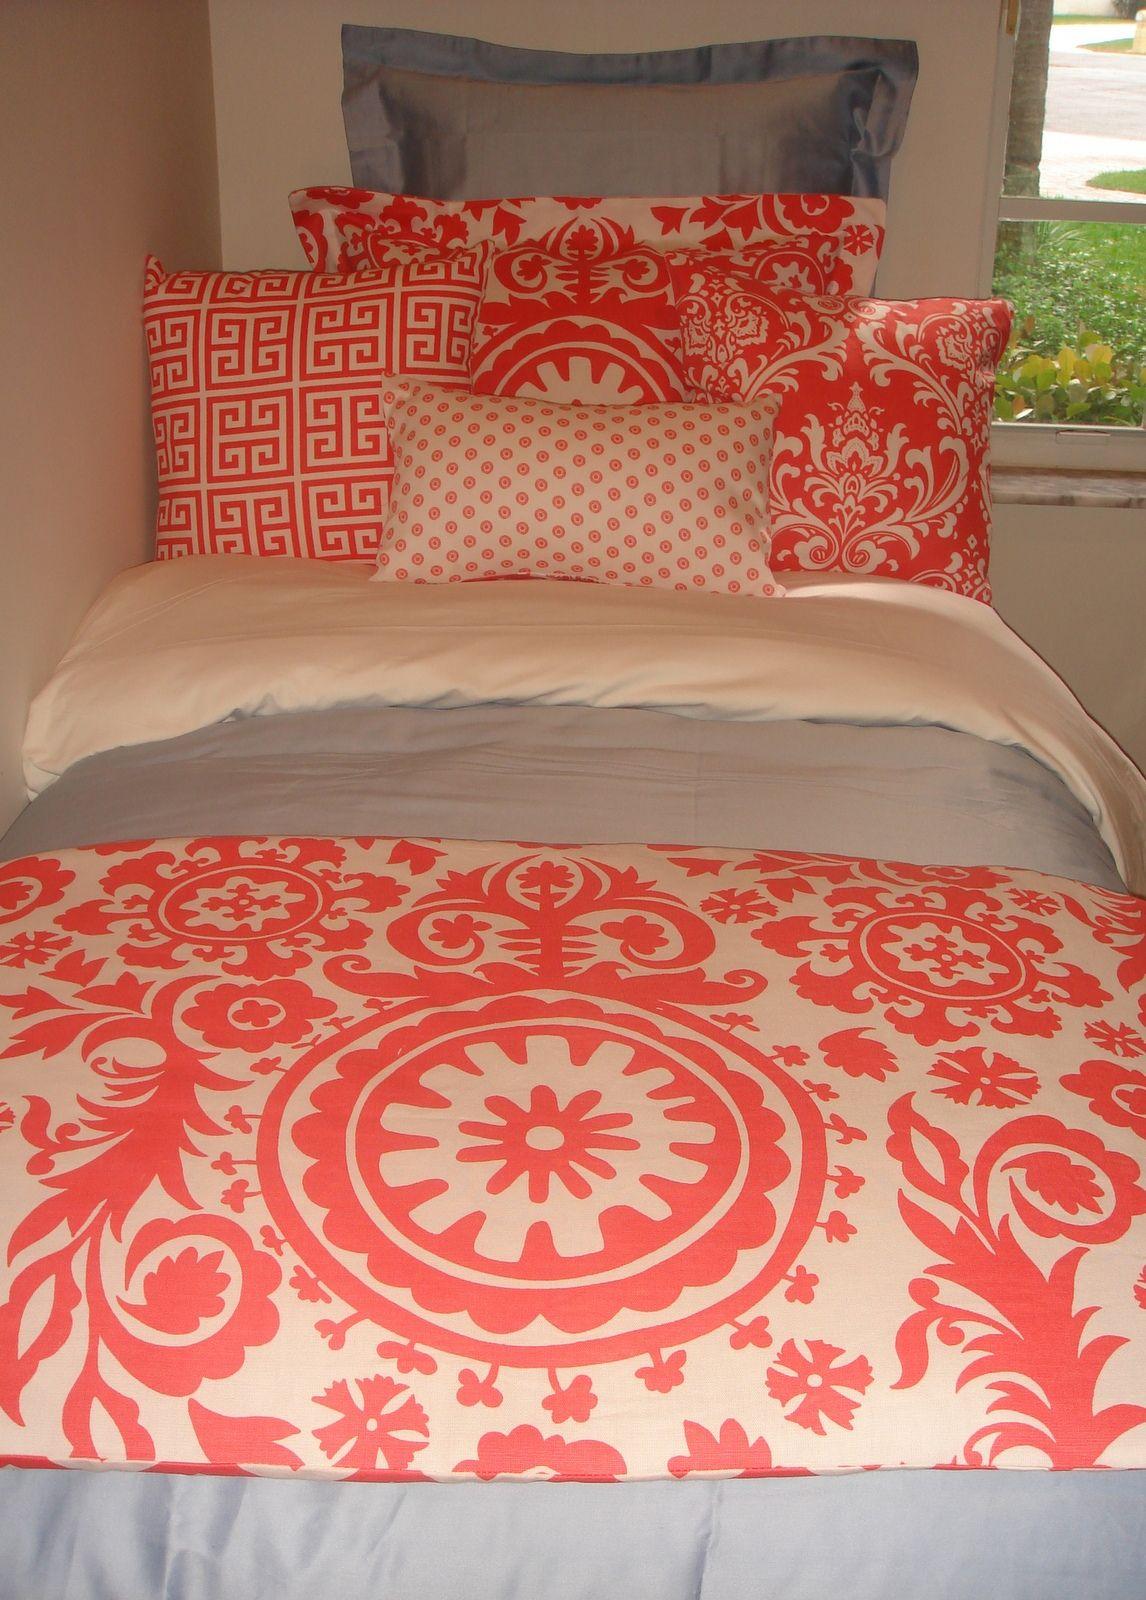 Dorm Bedding Decor Navy Quatrefoil Coral Damask Designer Dorm Bedding Set